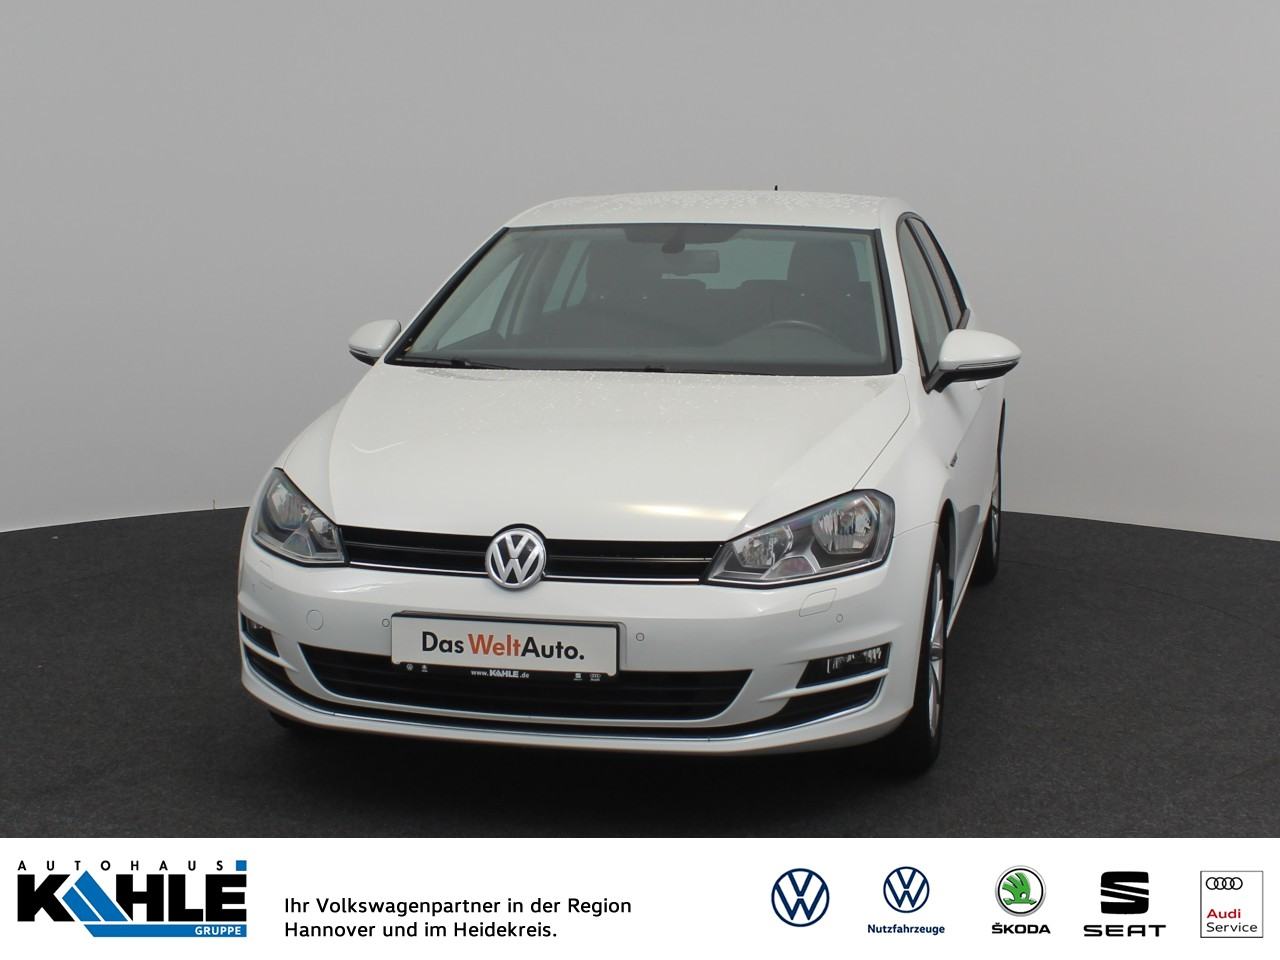 Volkswagen Golf VII 1.2 TSI BMT Lounge Navi Klima Sitzheizung PDC, Jahr 2015, Benzin